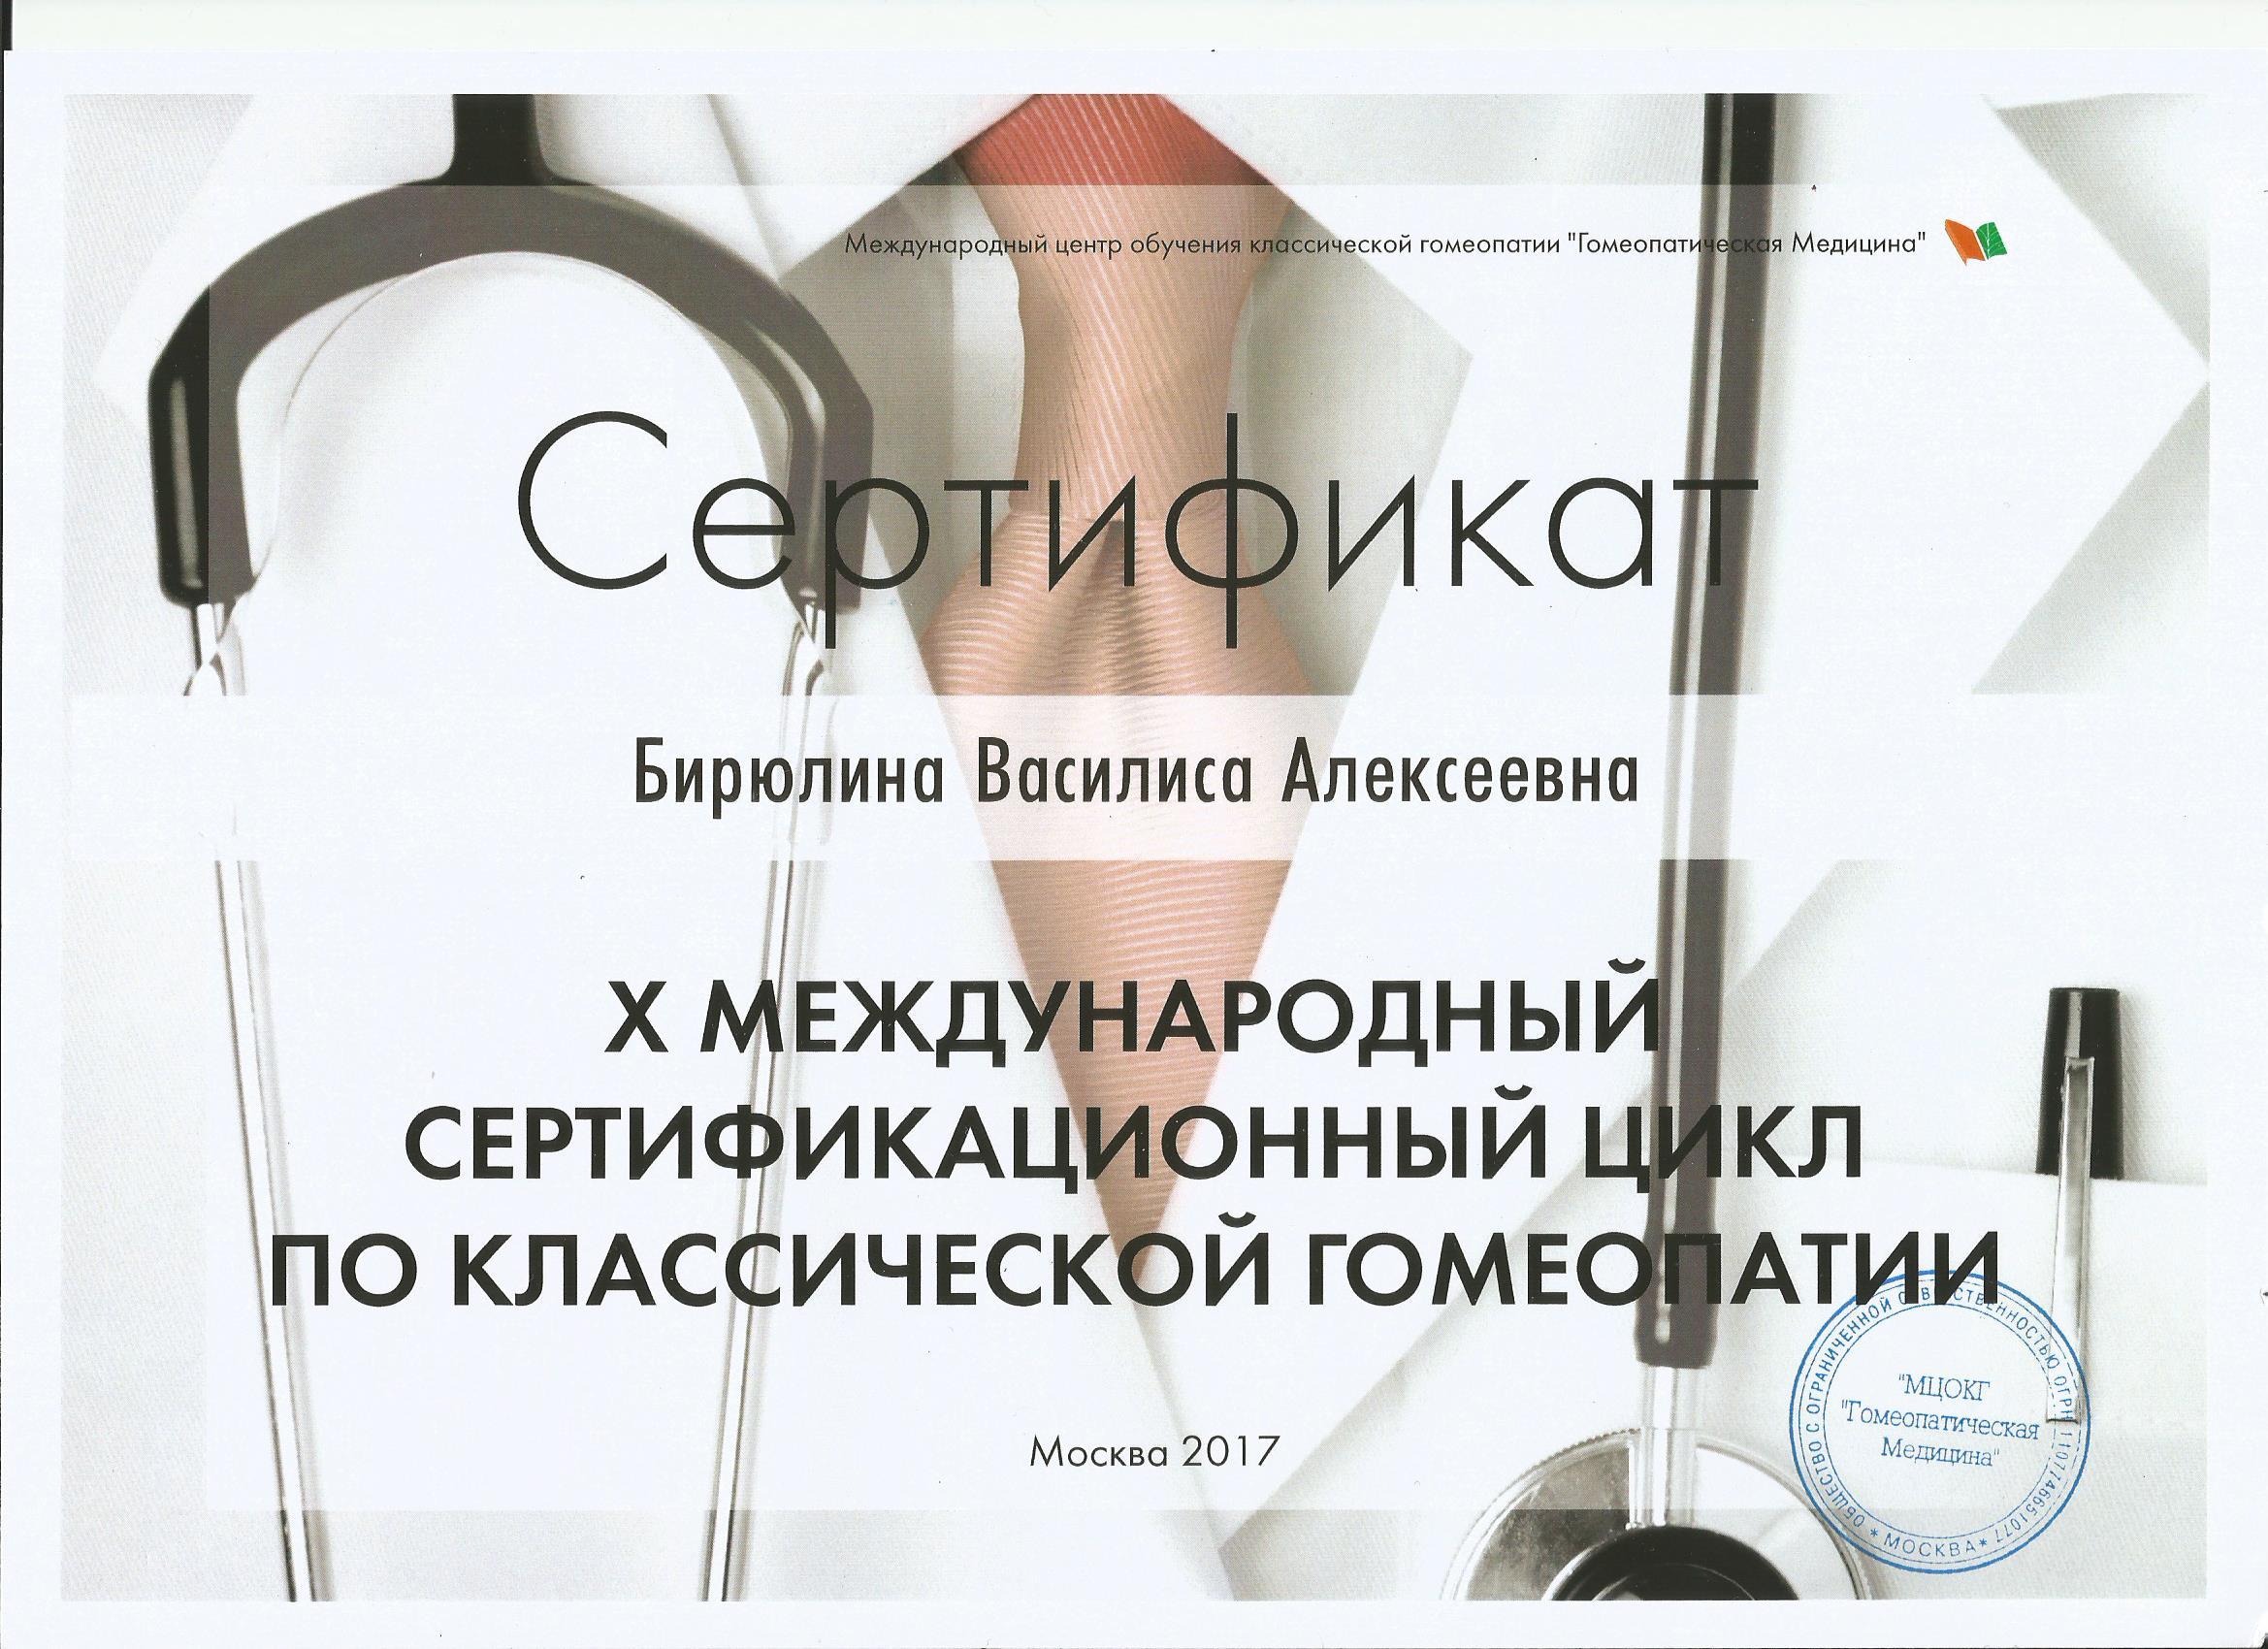 Сертификат по гомеопатии 2017 год